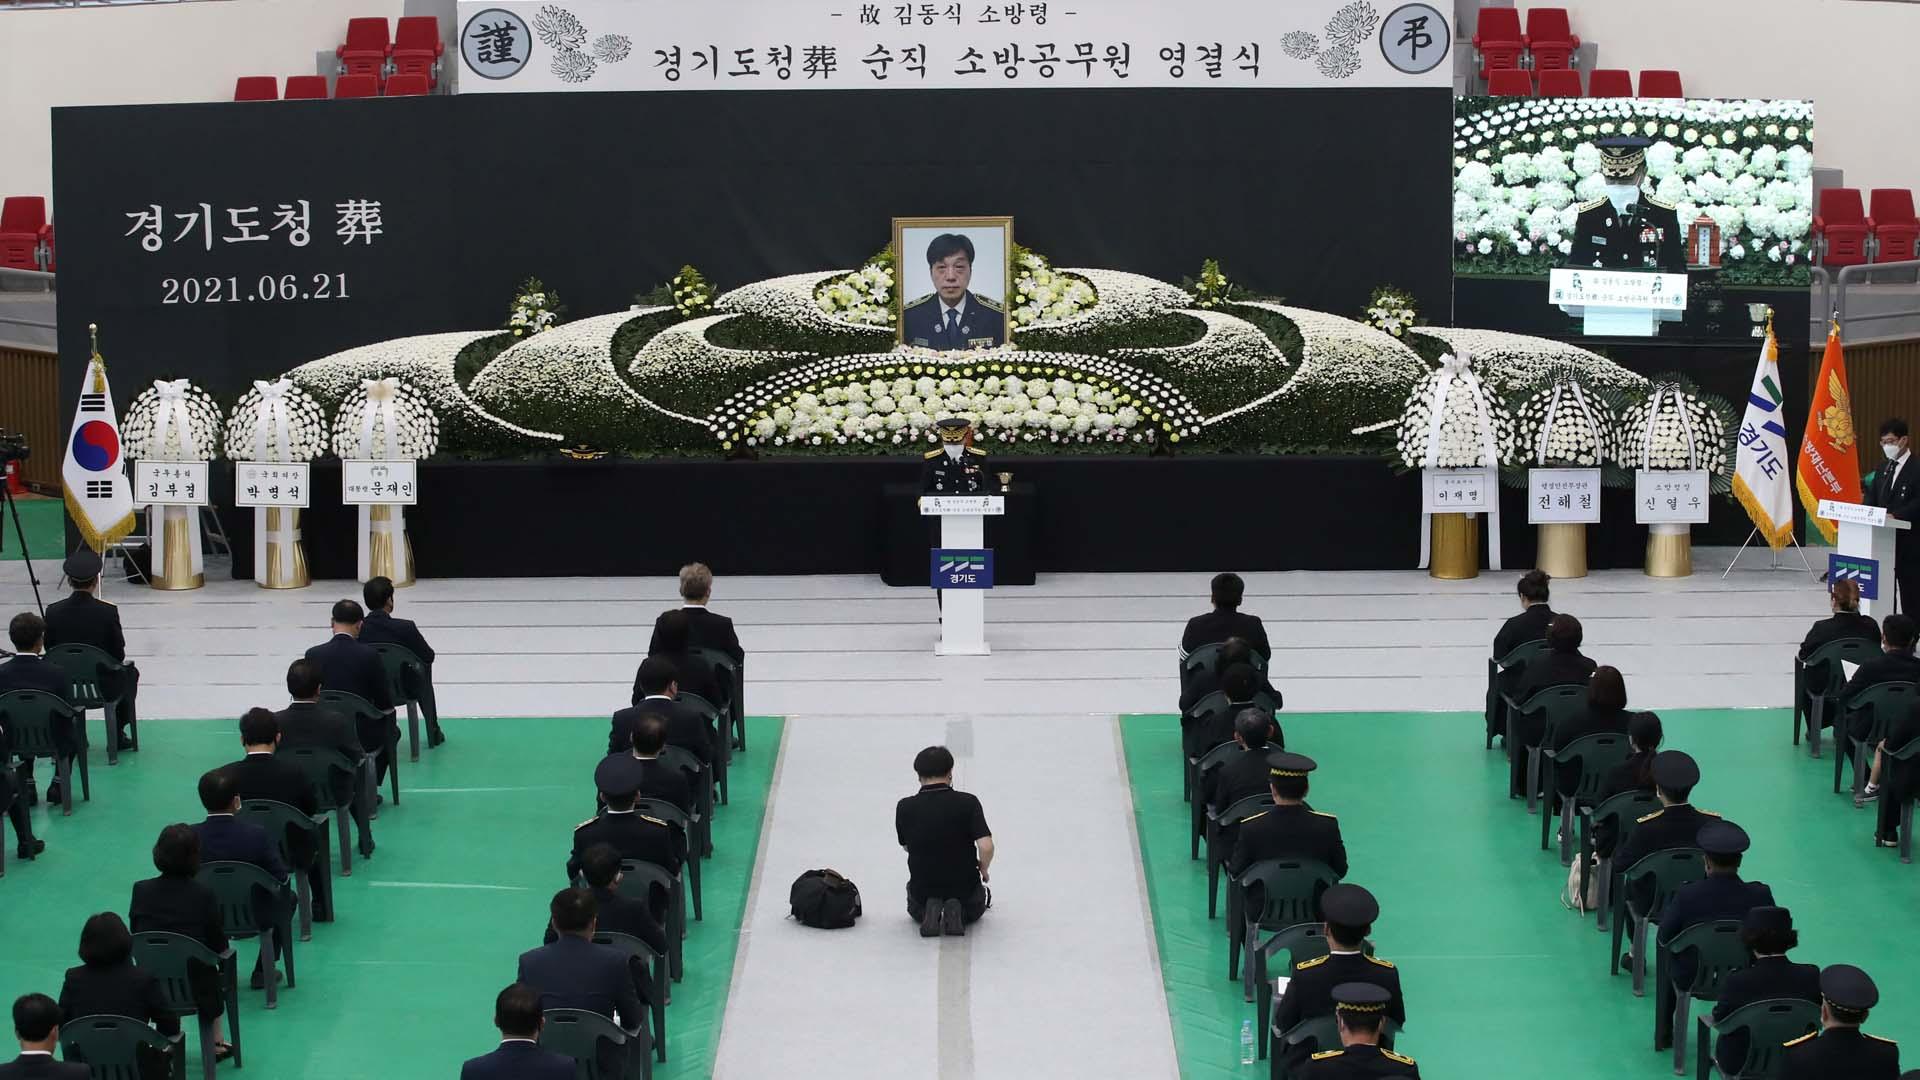 쿠팡 물류센터 화재 순직 故김동식 구조대장 영결식 엄수